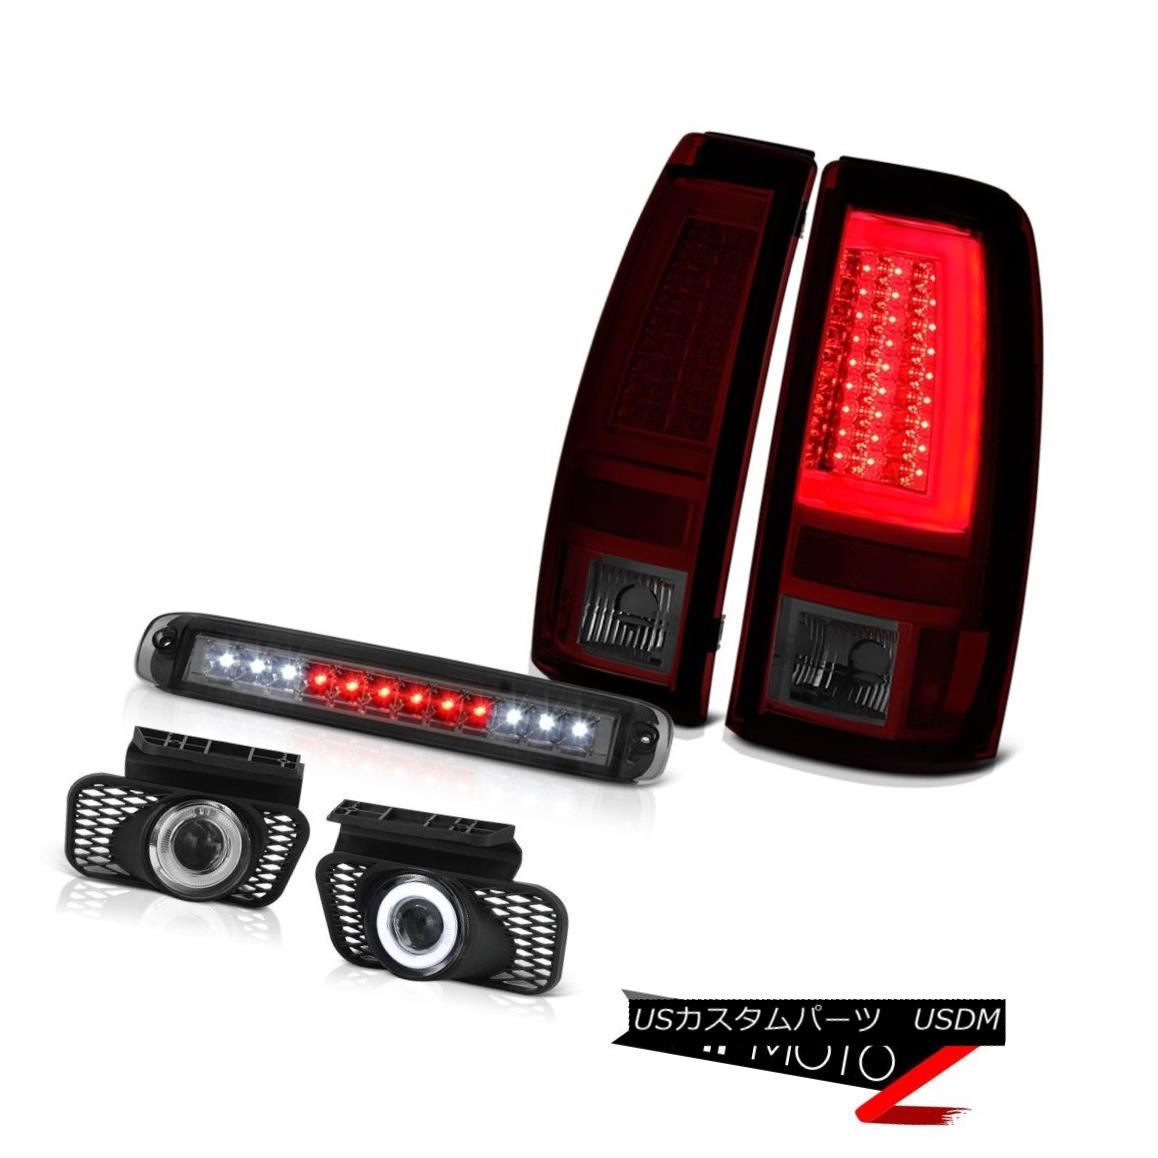 テールライト 2003-2006 Silverado Rear Brake Lights Roof Lamp Chrome Fog Lamps LED